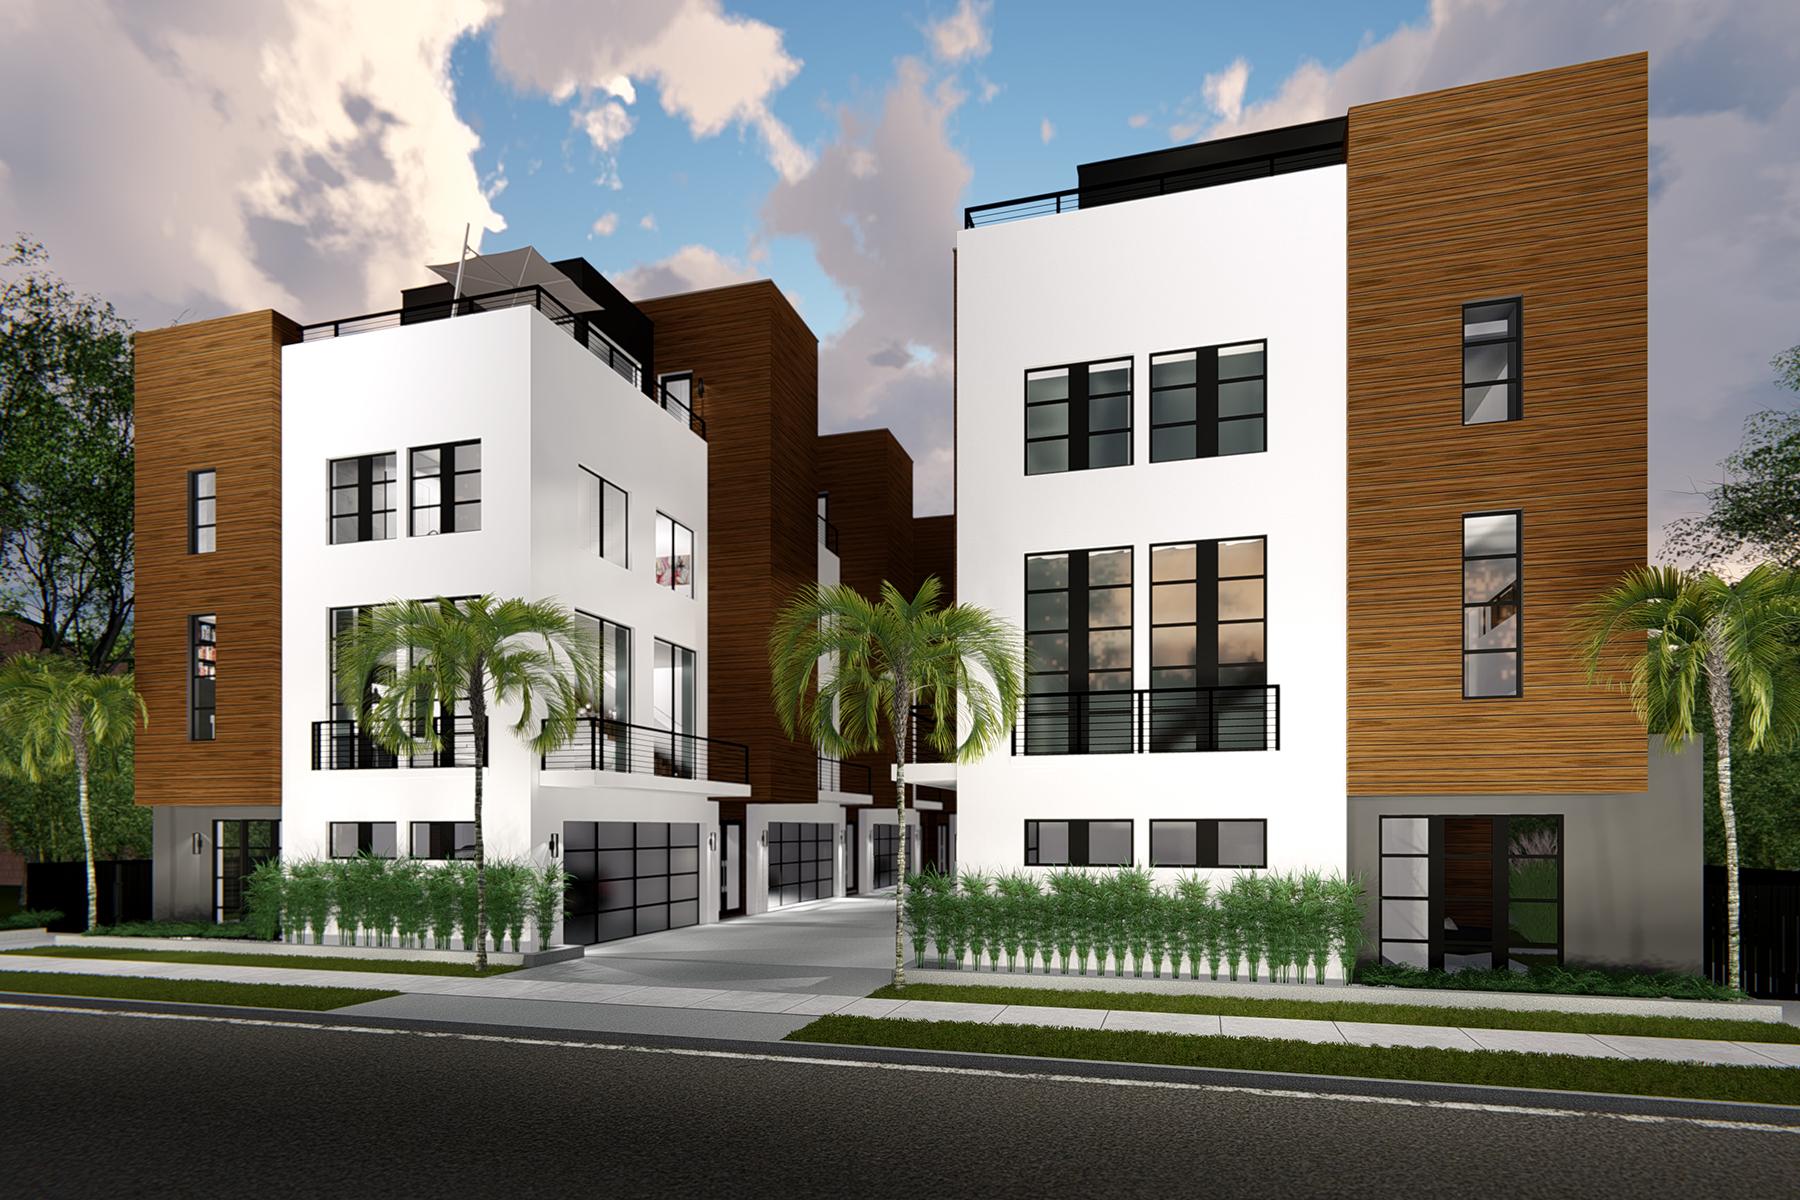 联栋屋 为 销售 在 DOWNTOWN ORLANDO 110 E Marks St 2 奥兰多, 佛罗里达州, 32803 美国